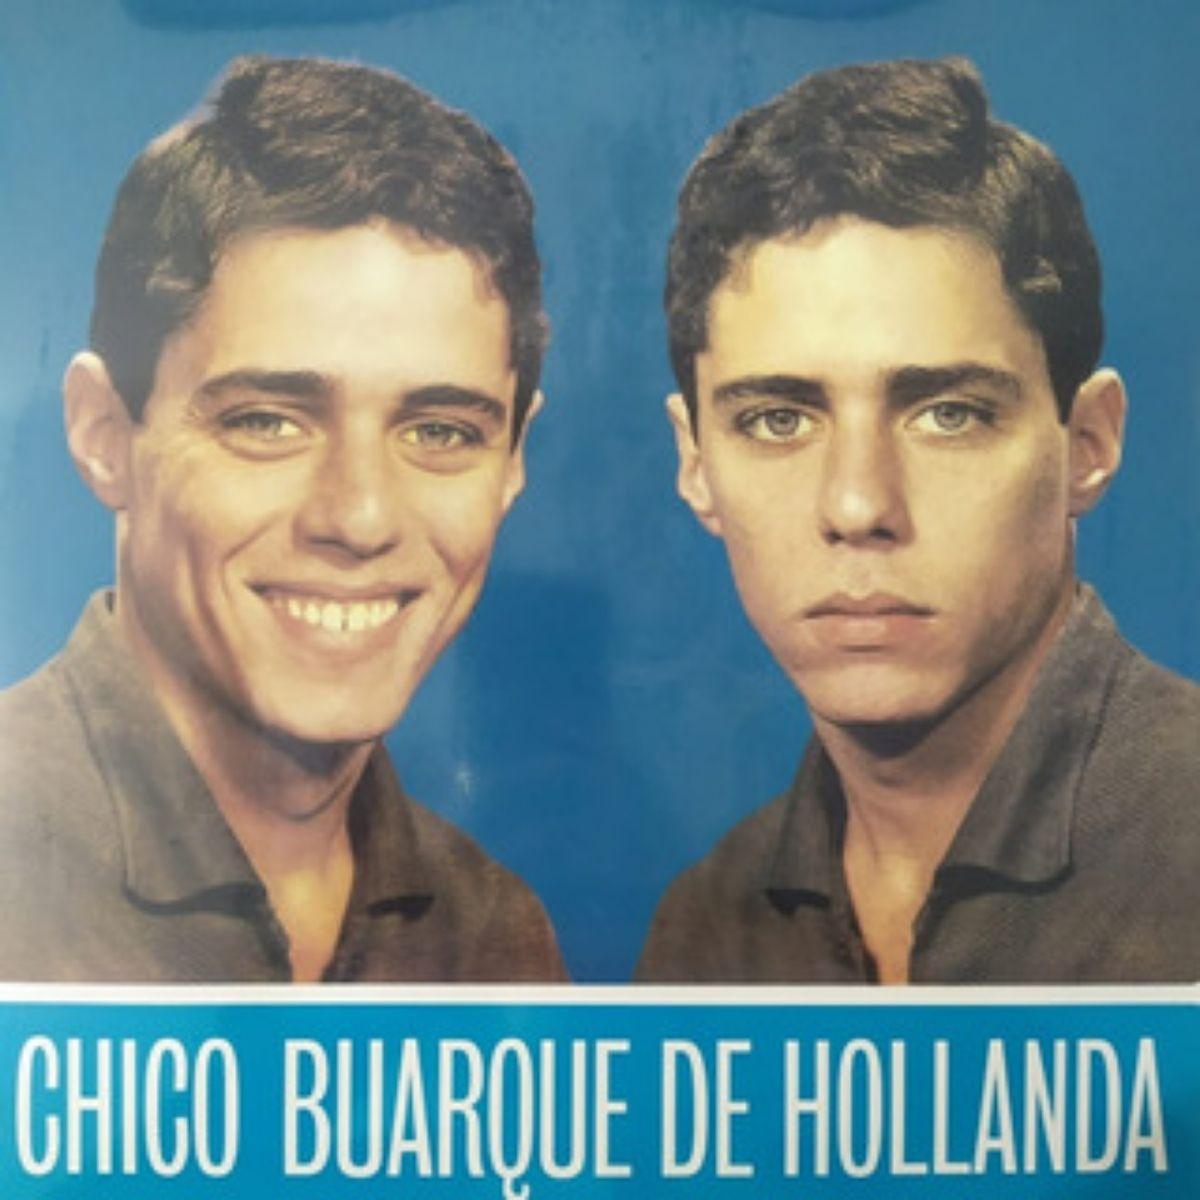 Lp Chico Buarque De Hollanda 1966 Novo Lacrado